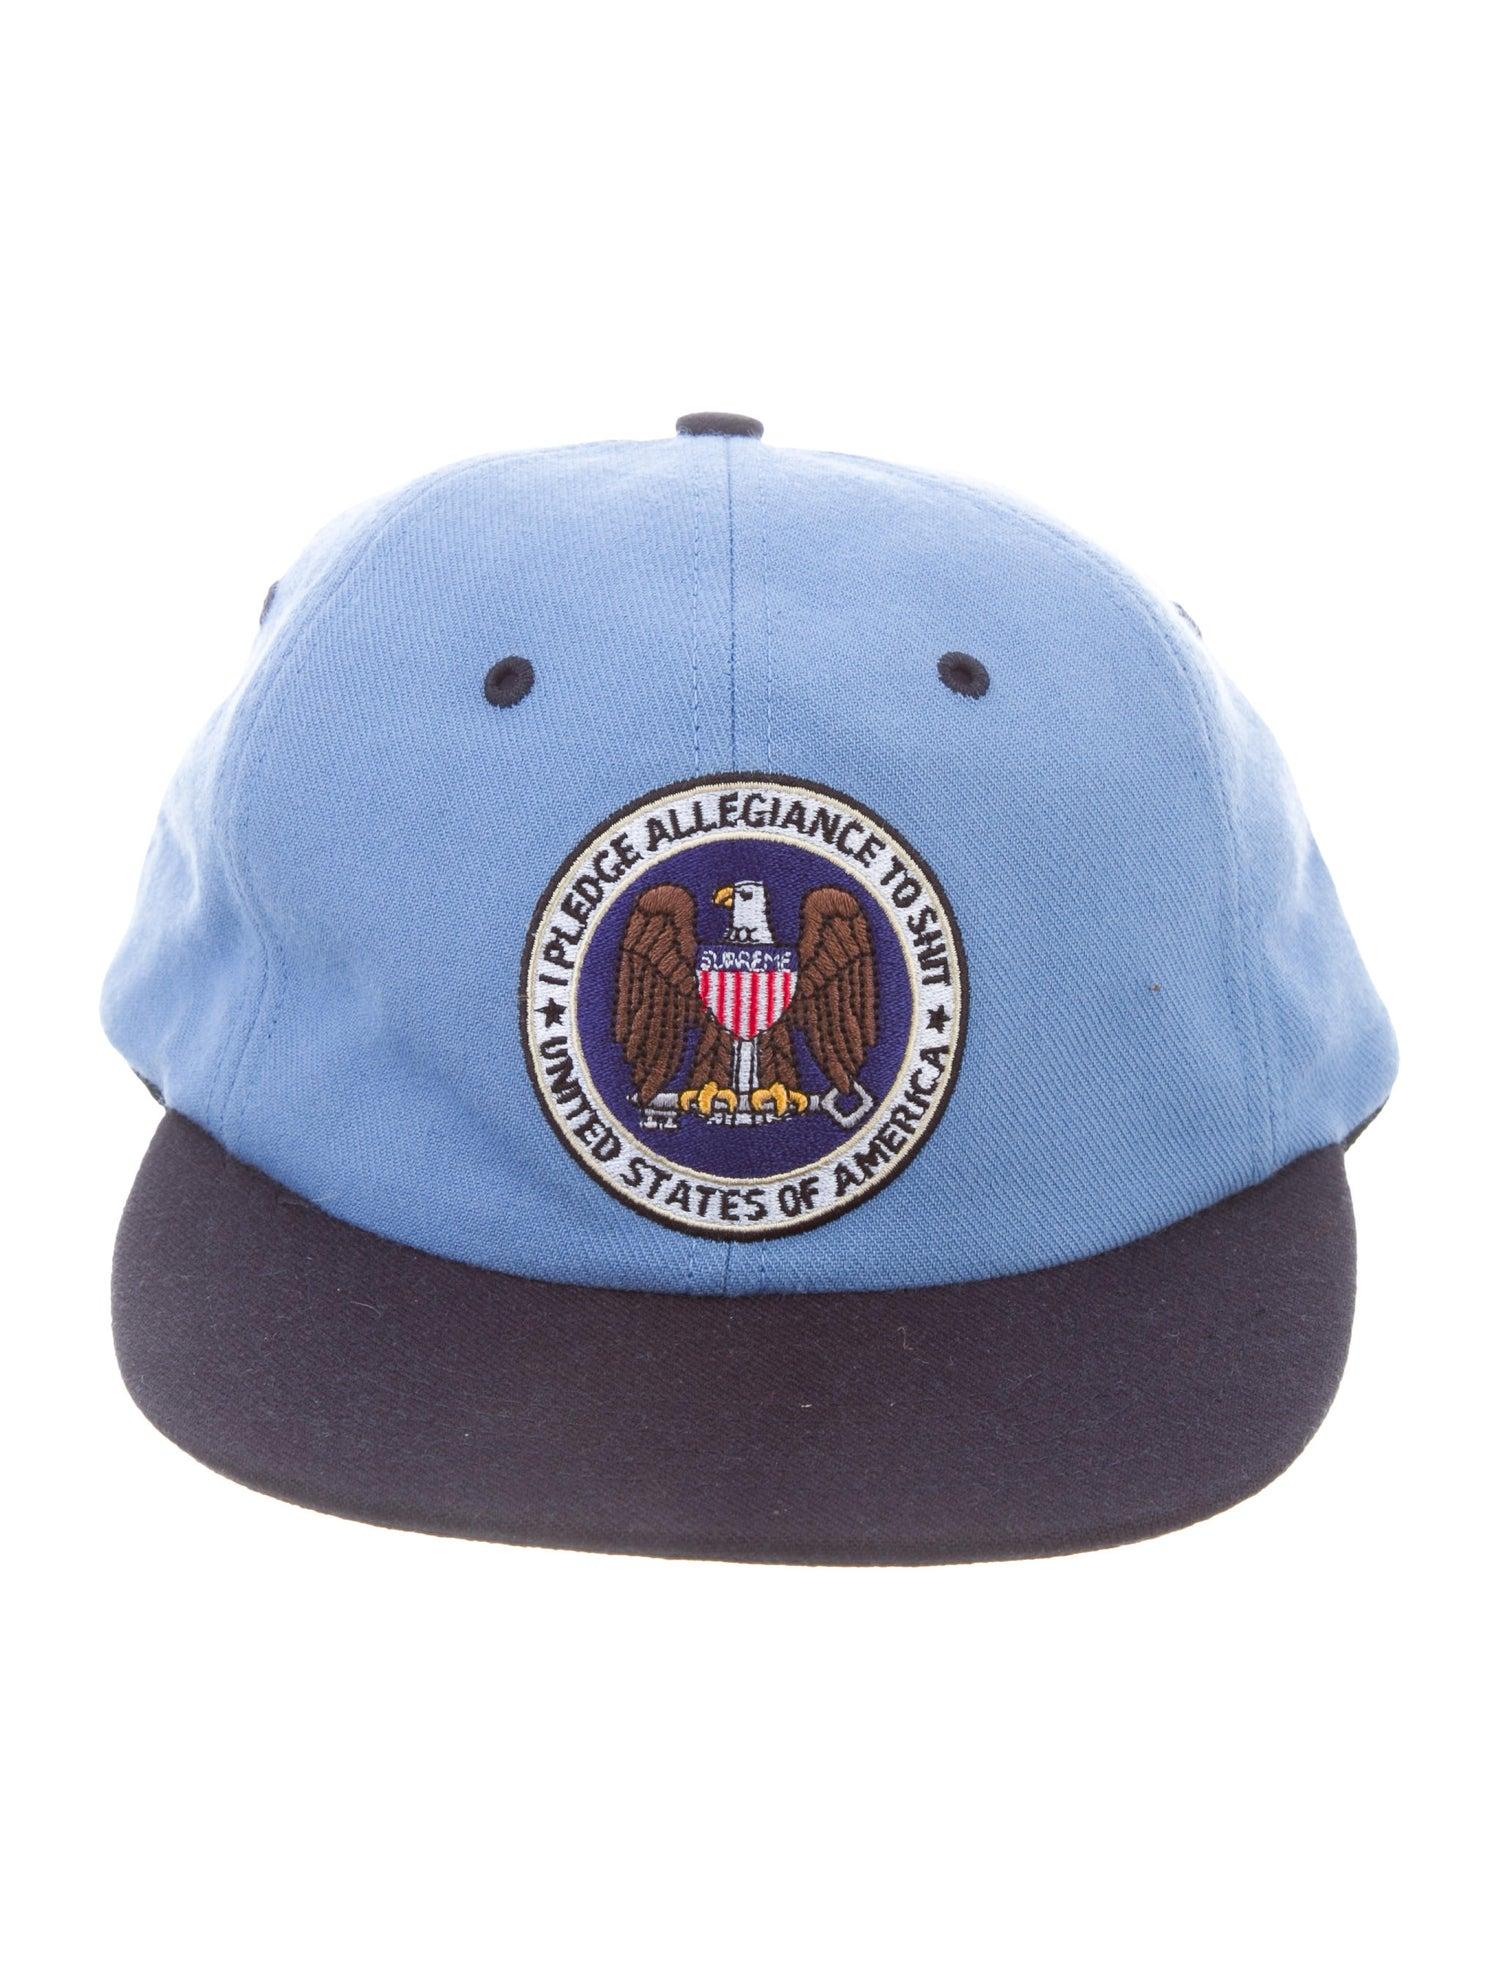 2017 Pledge Allegiance Cap - Supreme, $42.50